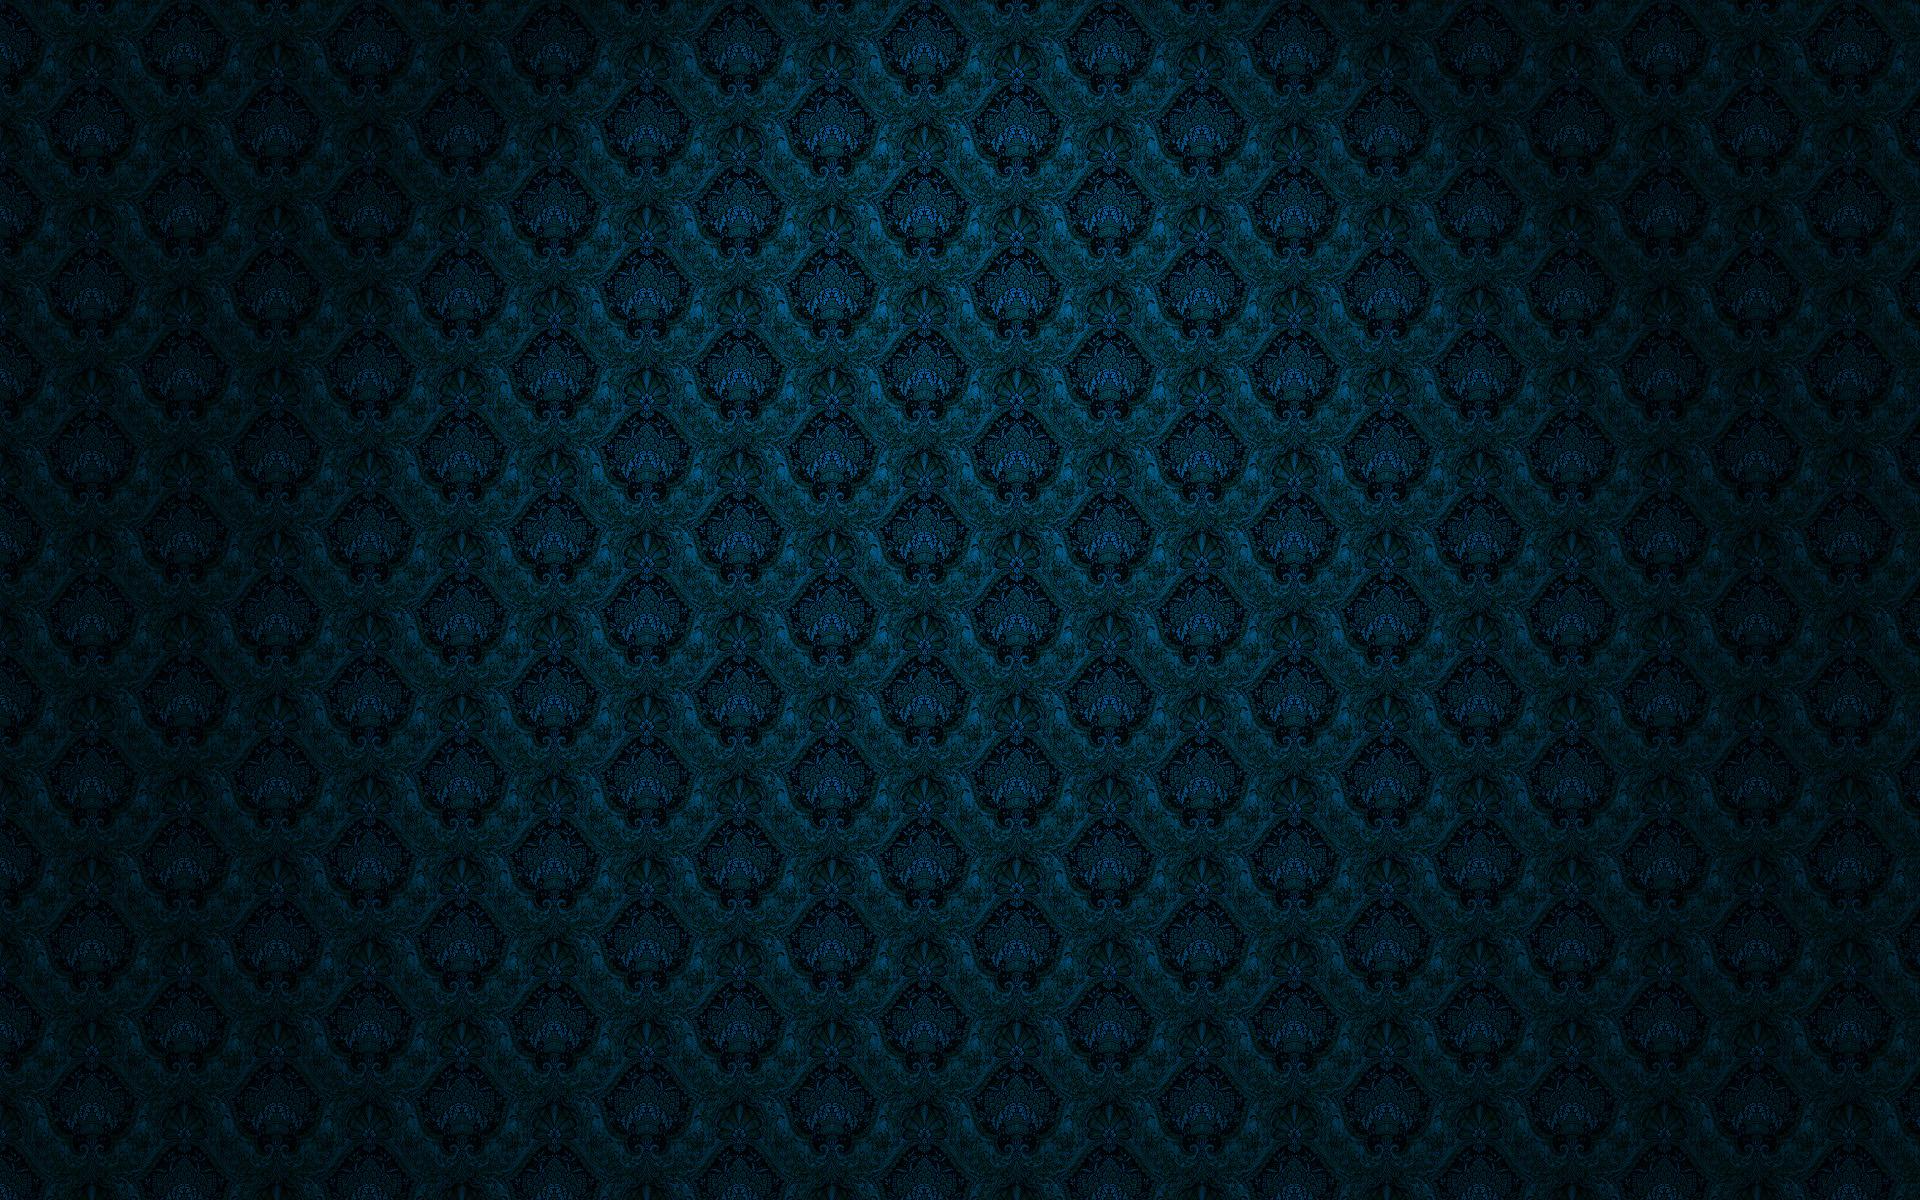 Patterns wallpaper 1920x1200 13976 WallpaperUP 1920x1200